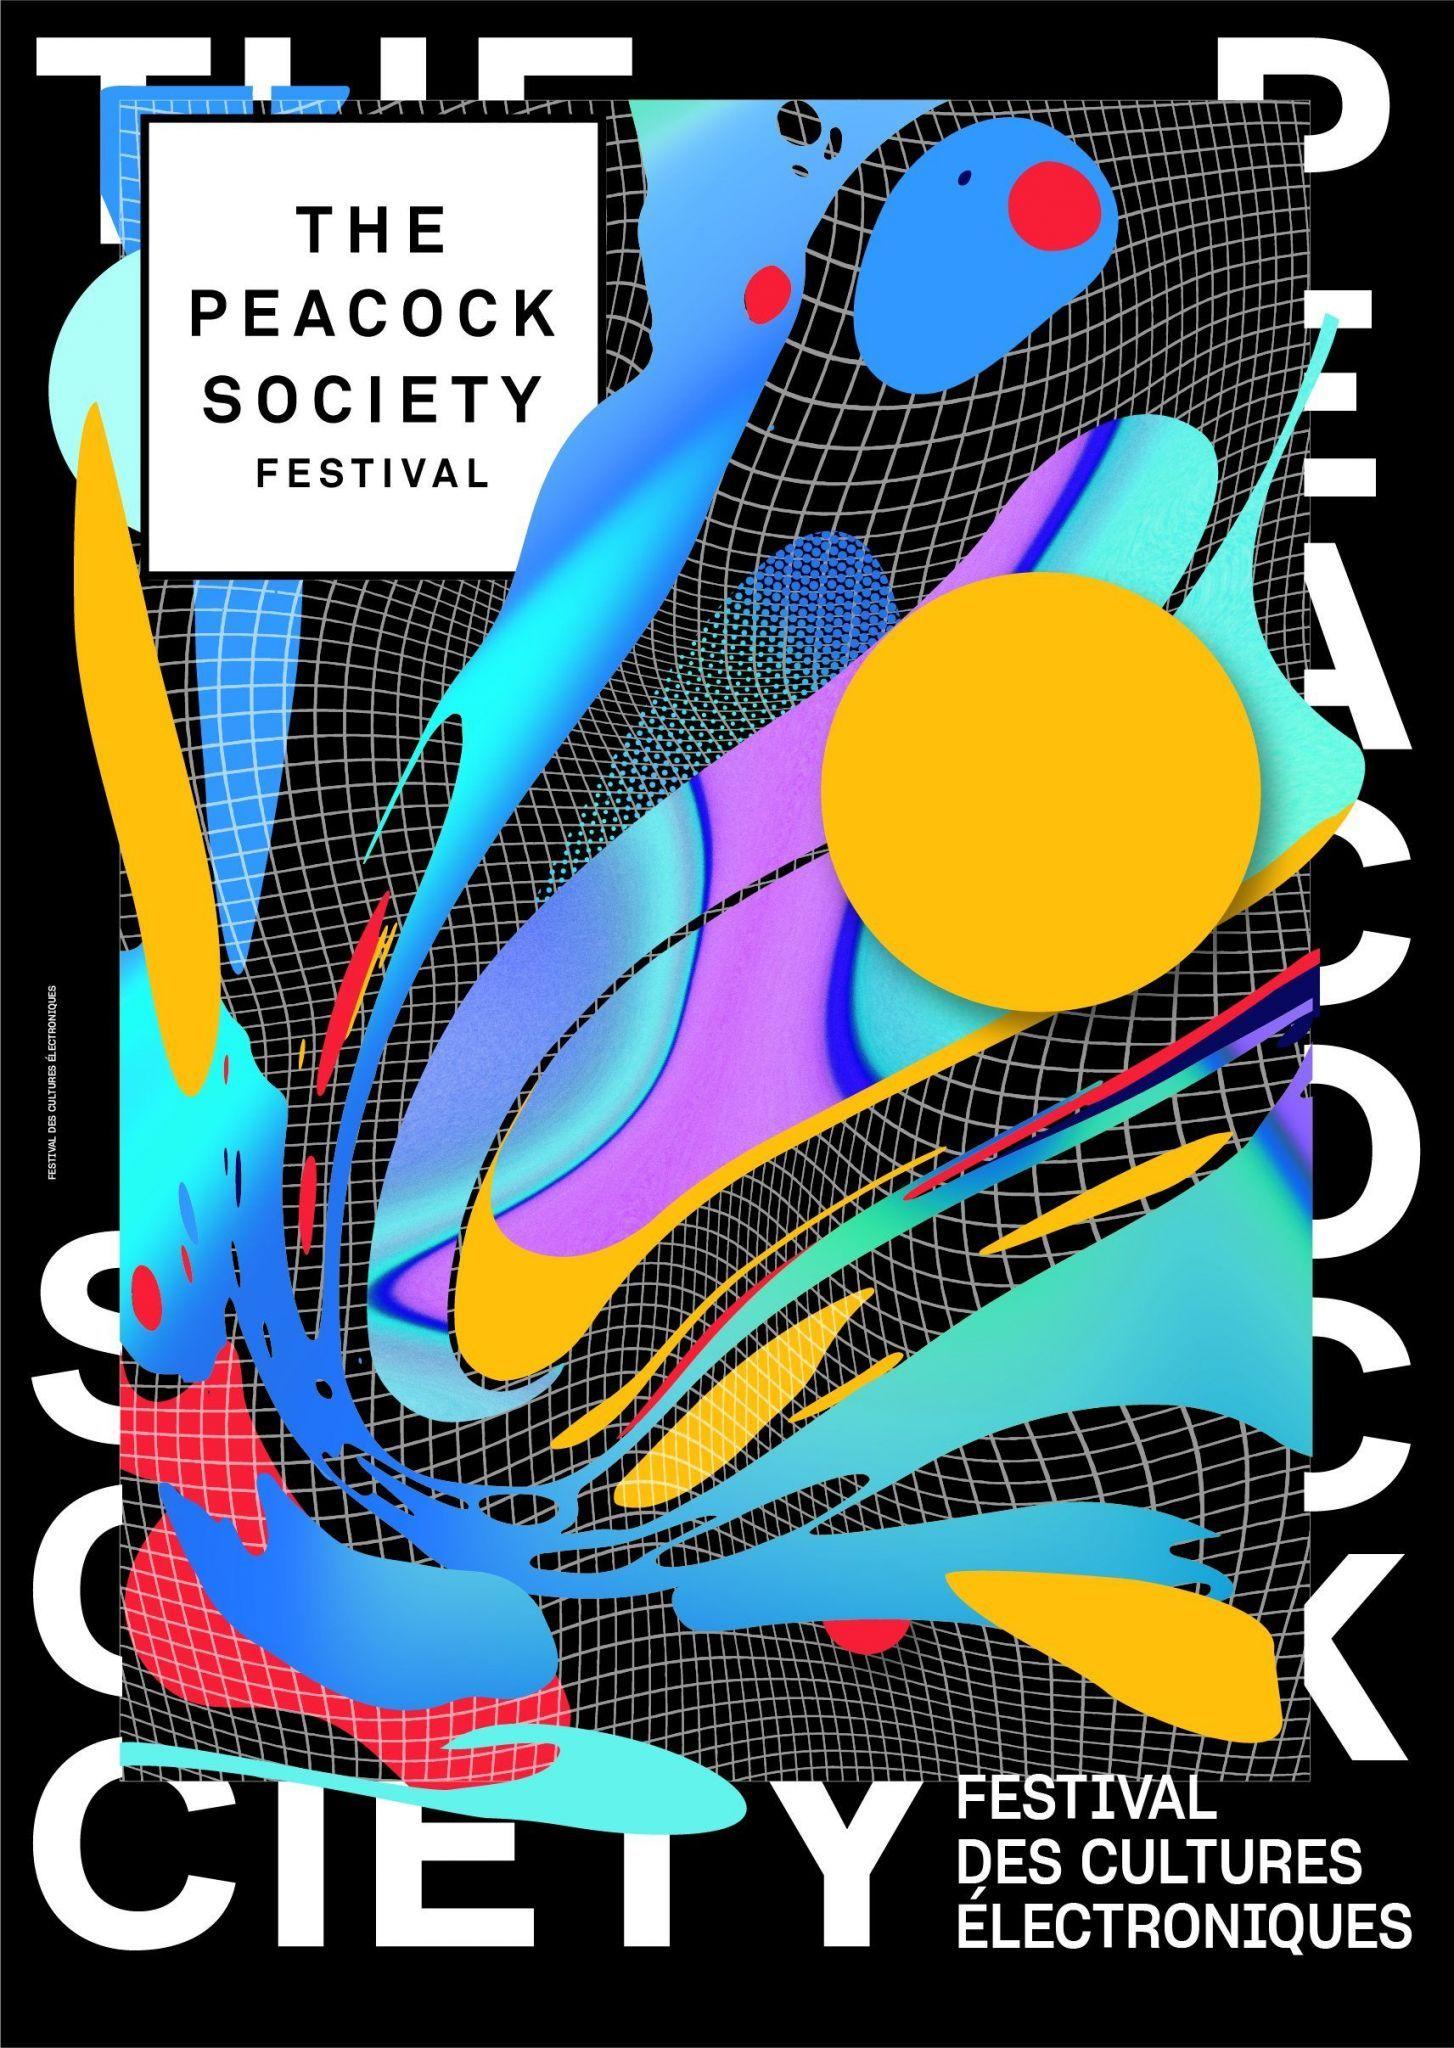 Les Secrets Du Jardin Montauban Poster Festival Design D Affiches Affiches Graphiques